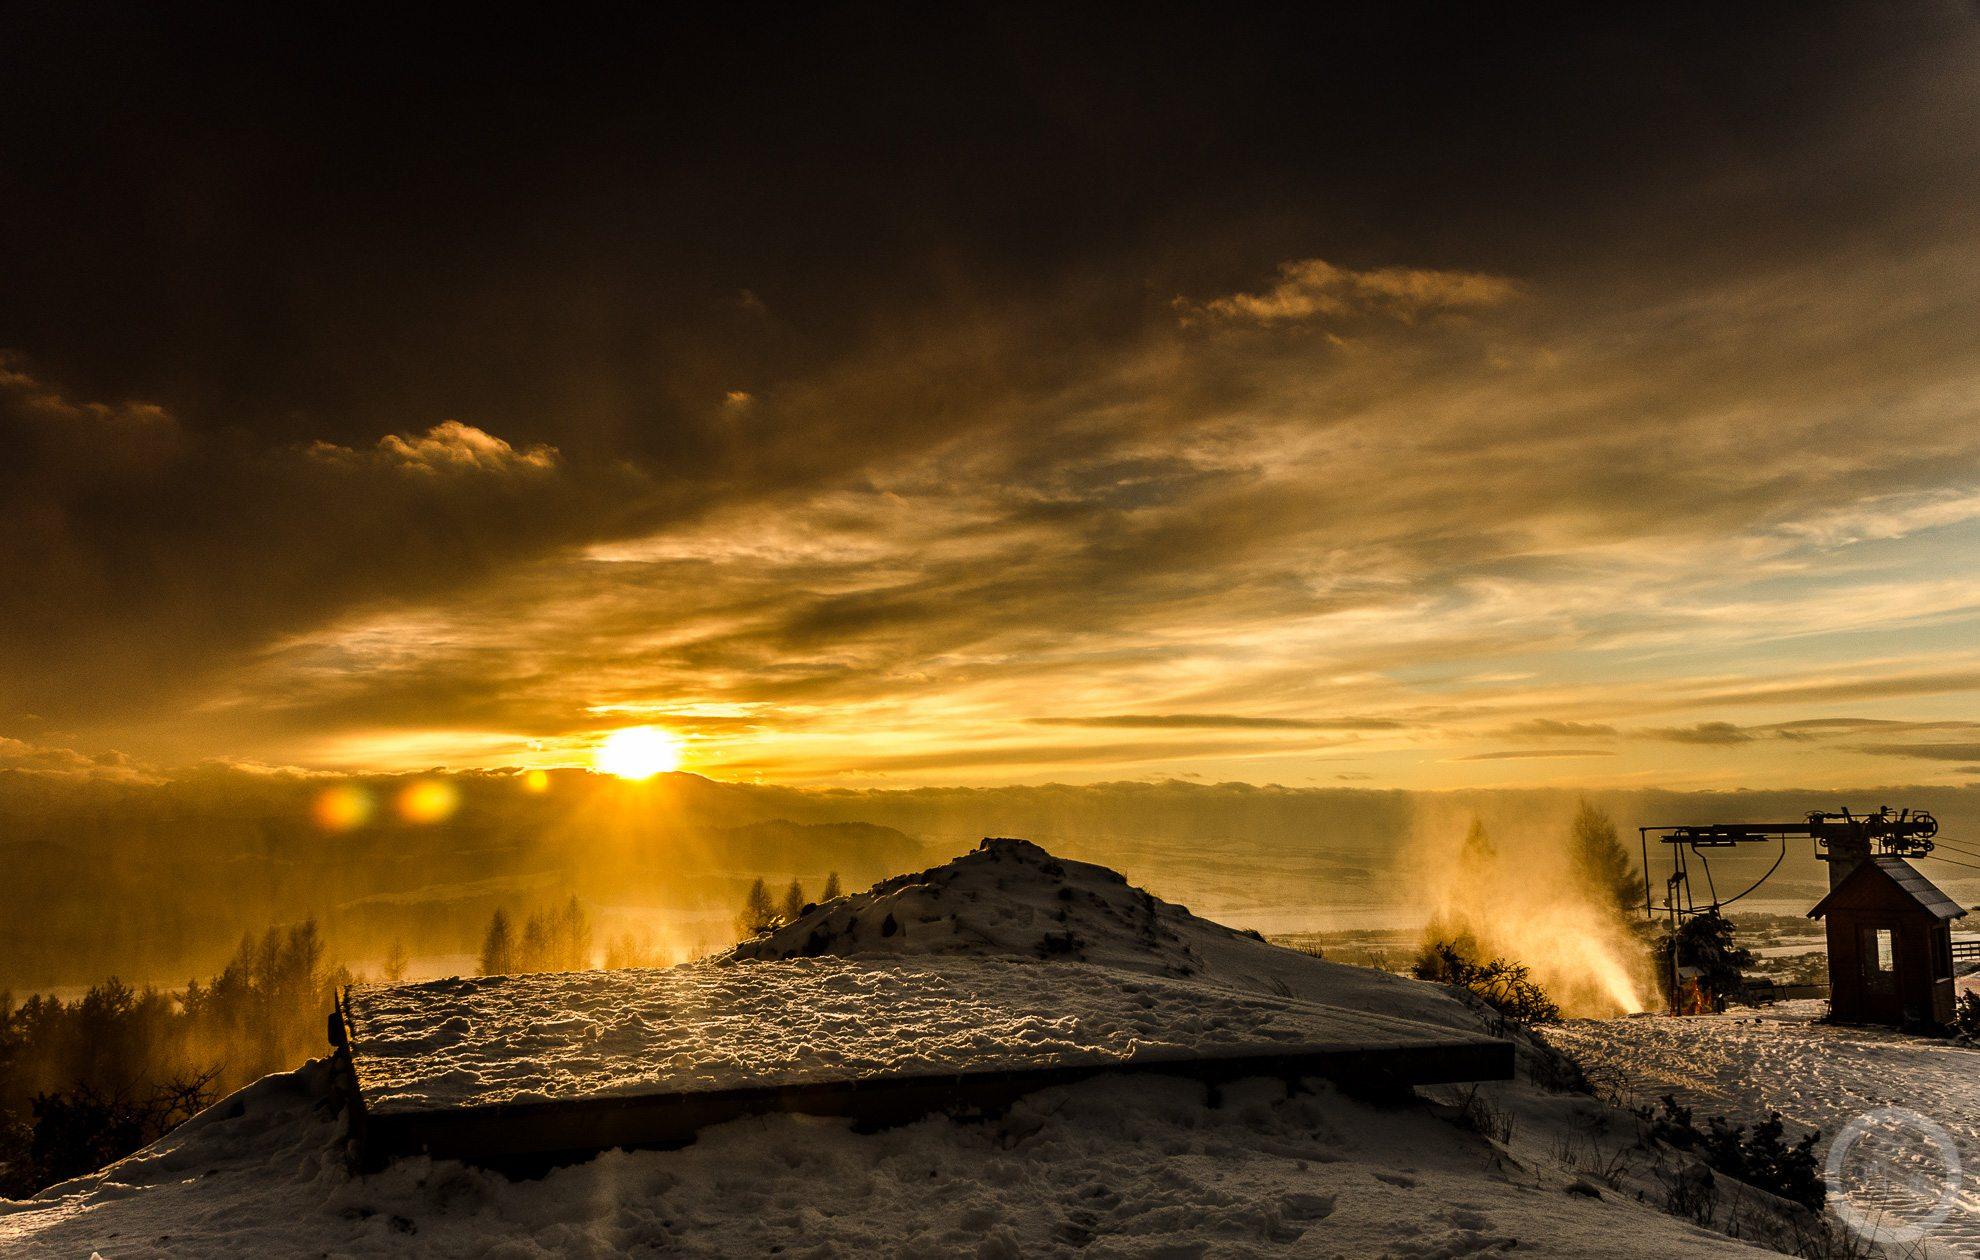 Zachód słońca widziany zGóry Wdżar (766, 767 m), szczytu wpaśmie łączącym Lubań zPieninami, pomiędzy przełęczami Drzyślawa iSnozka.